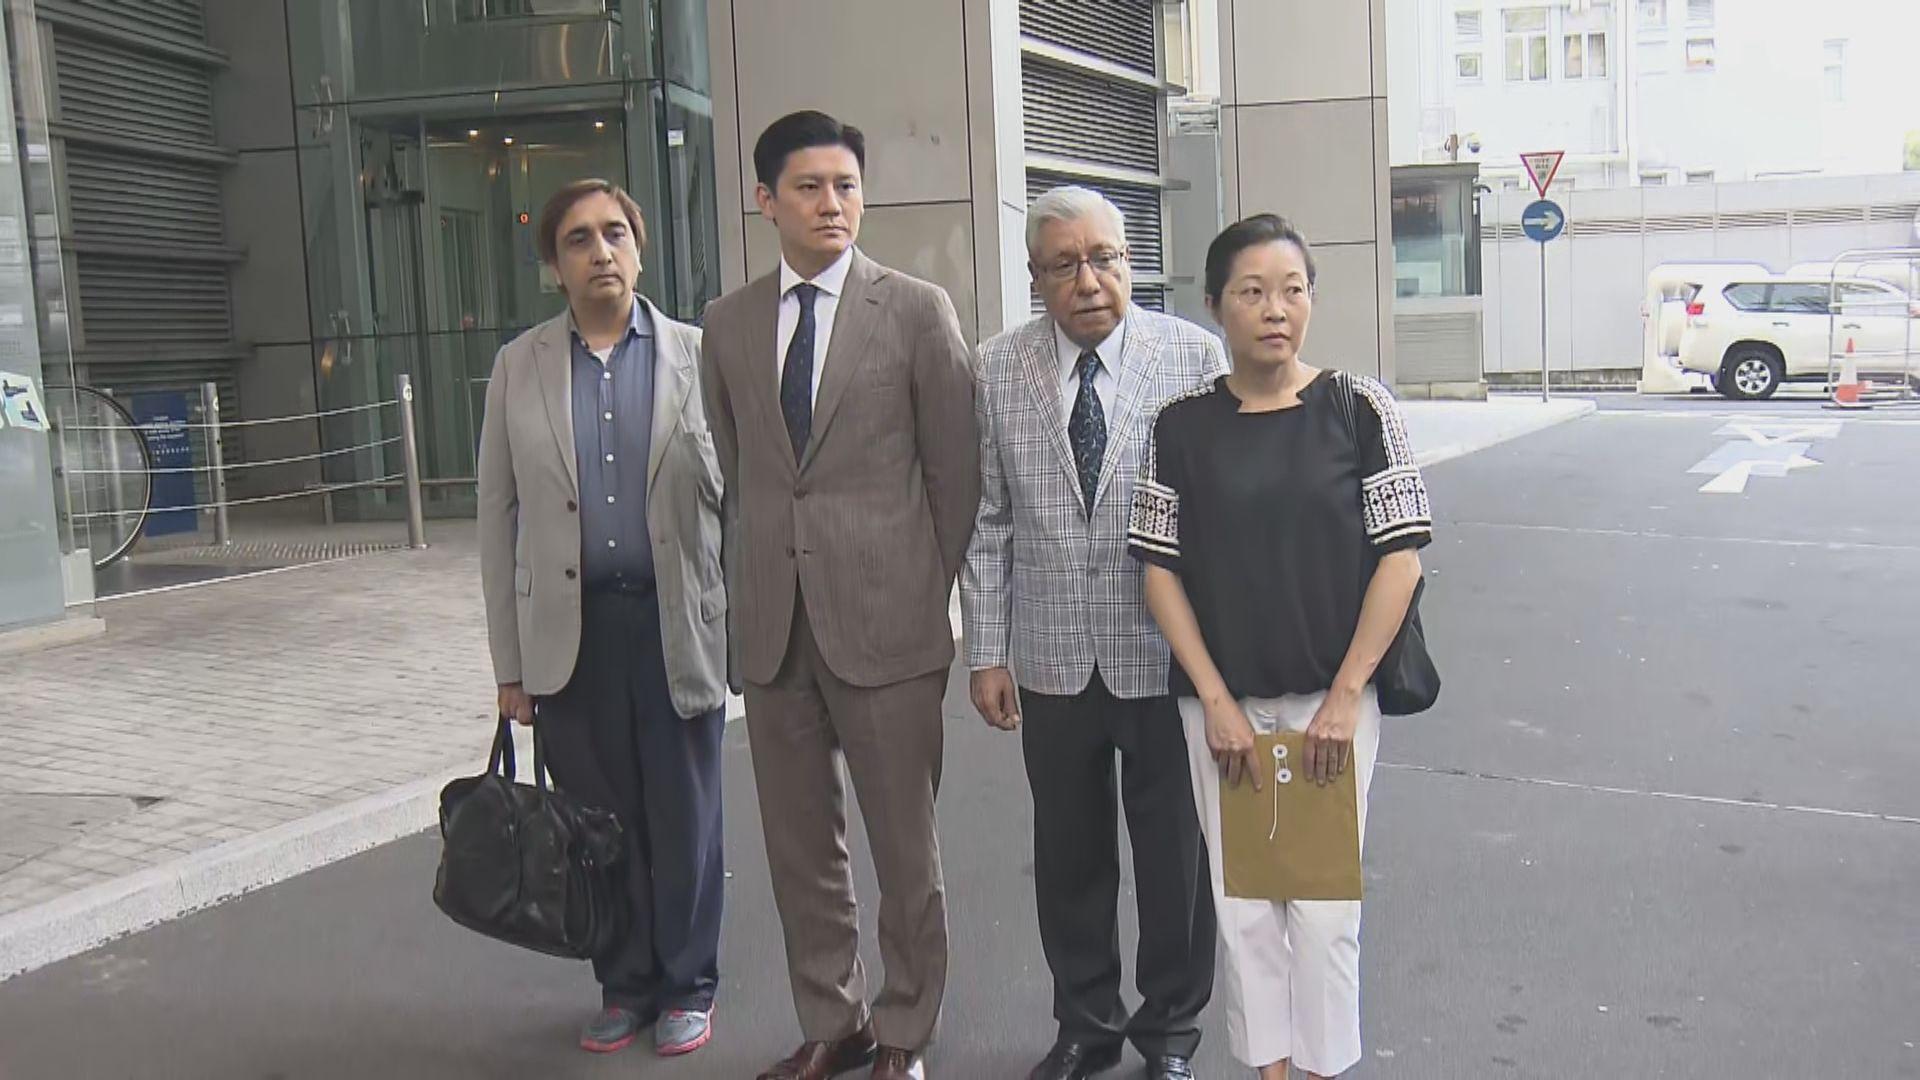 譚文豪等人投訴警方水炮車濫射催淚水